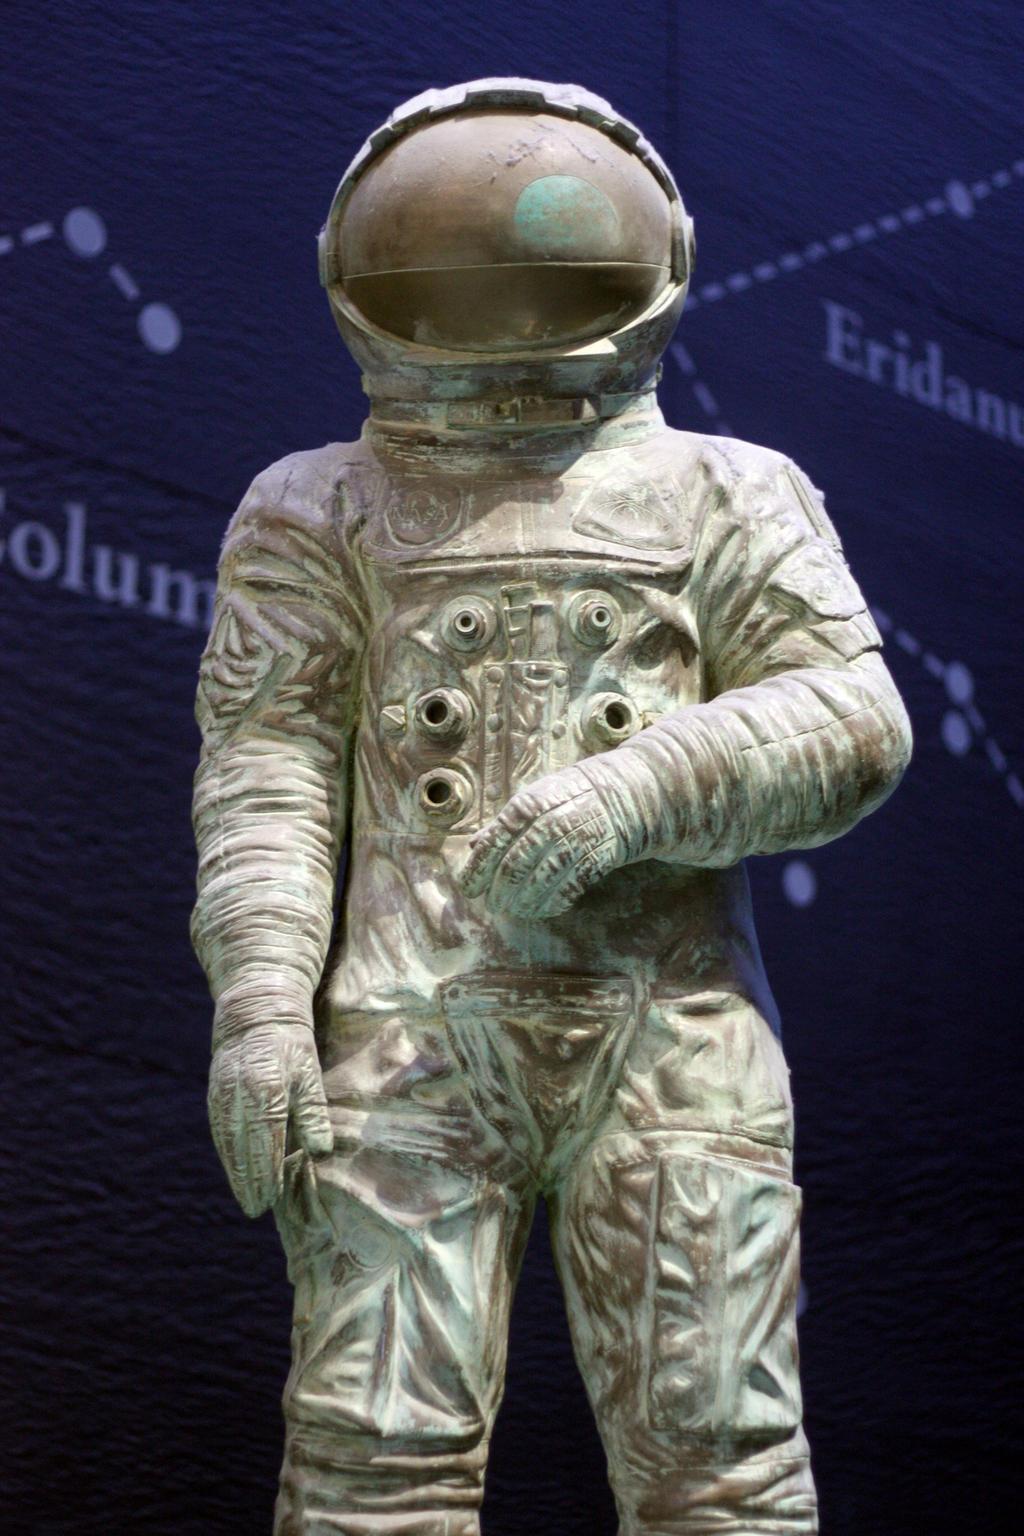 ancient astronaut sculpture - photo #16